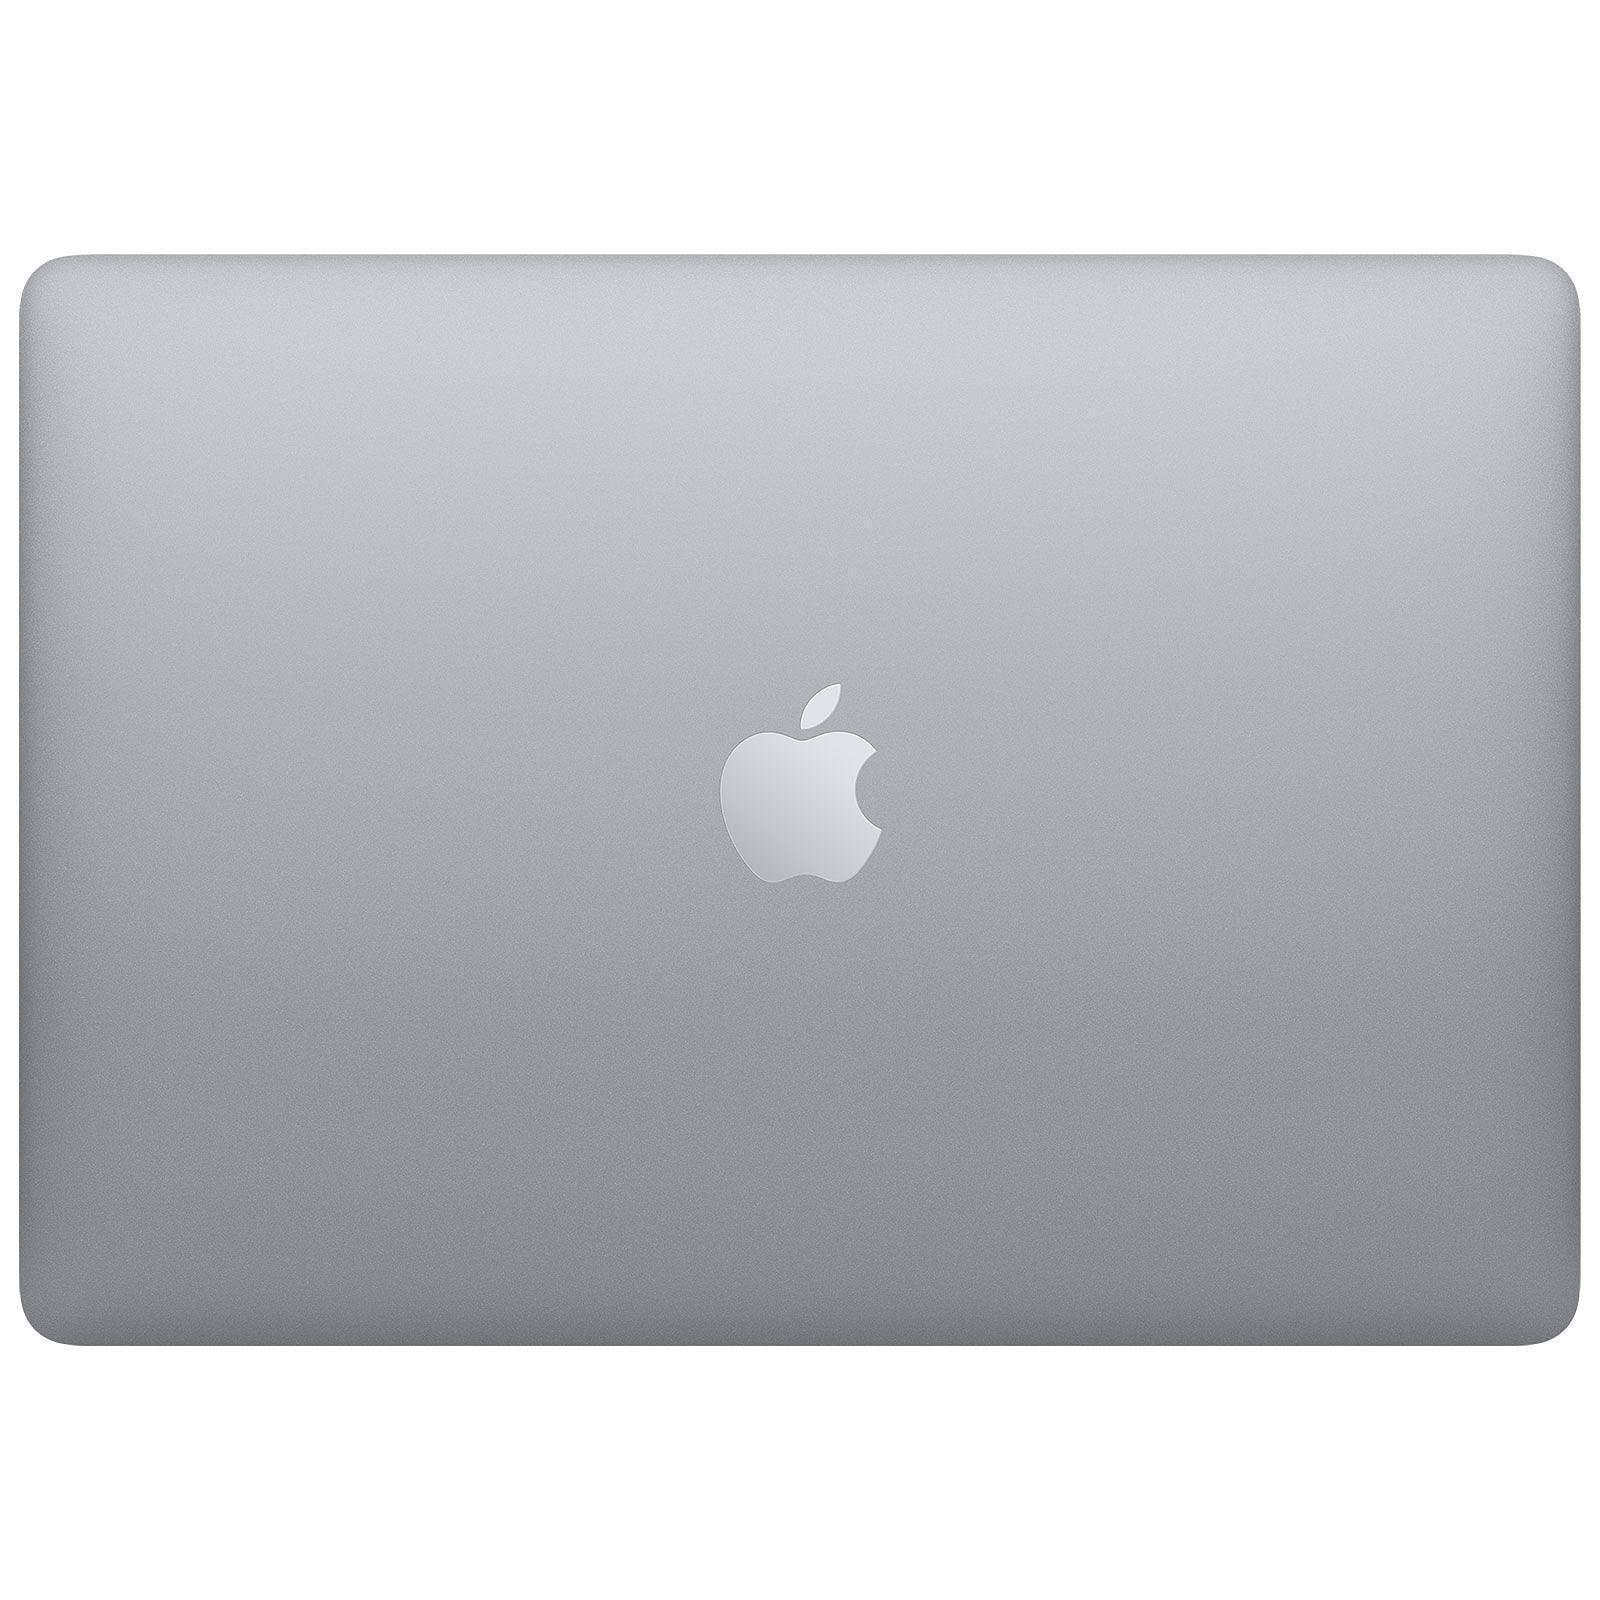 MacBook Air Retina 13.3-inch (2020) - Core i5 - 16GB - SSD 256 GB